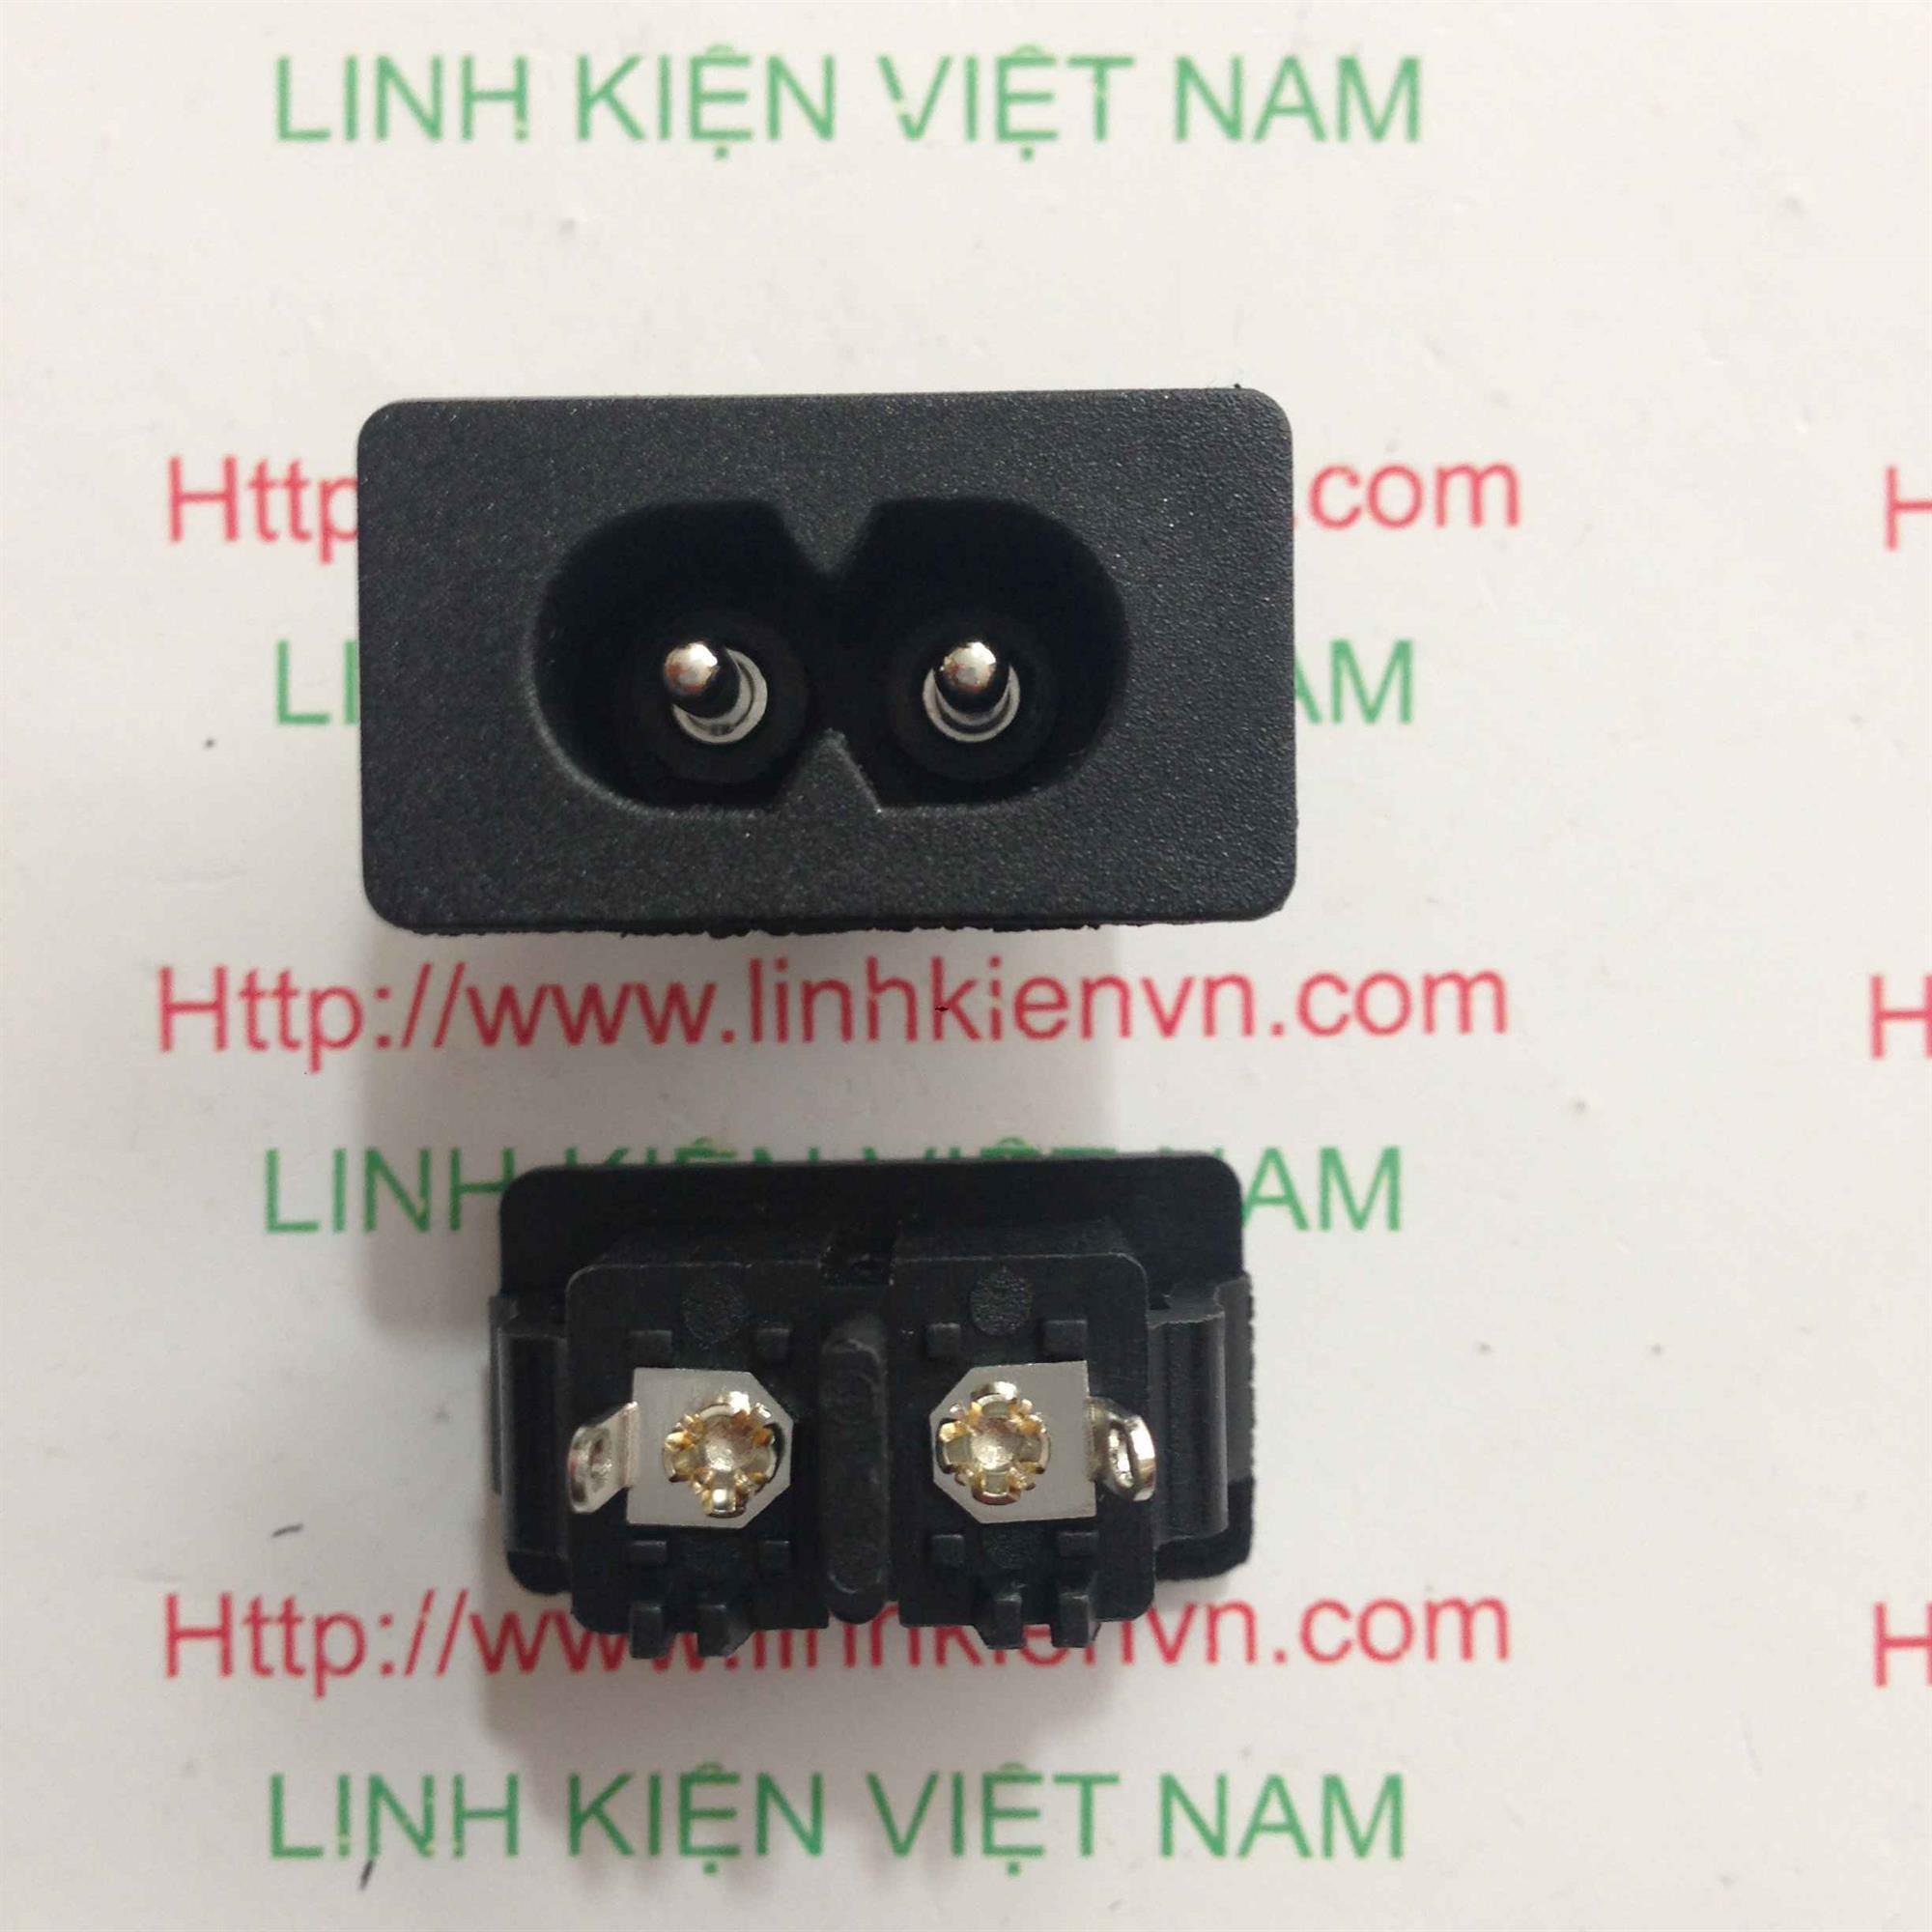 Ổ cắm dây nguồn số 8 loại cài / JACK NGUỒN 2 CHÂN AC AC027 - D5H16